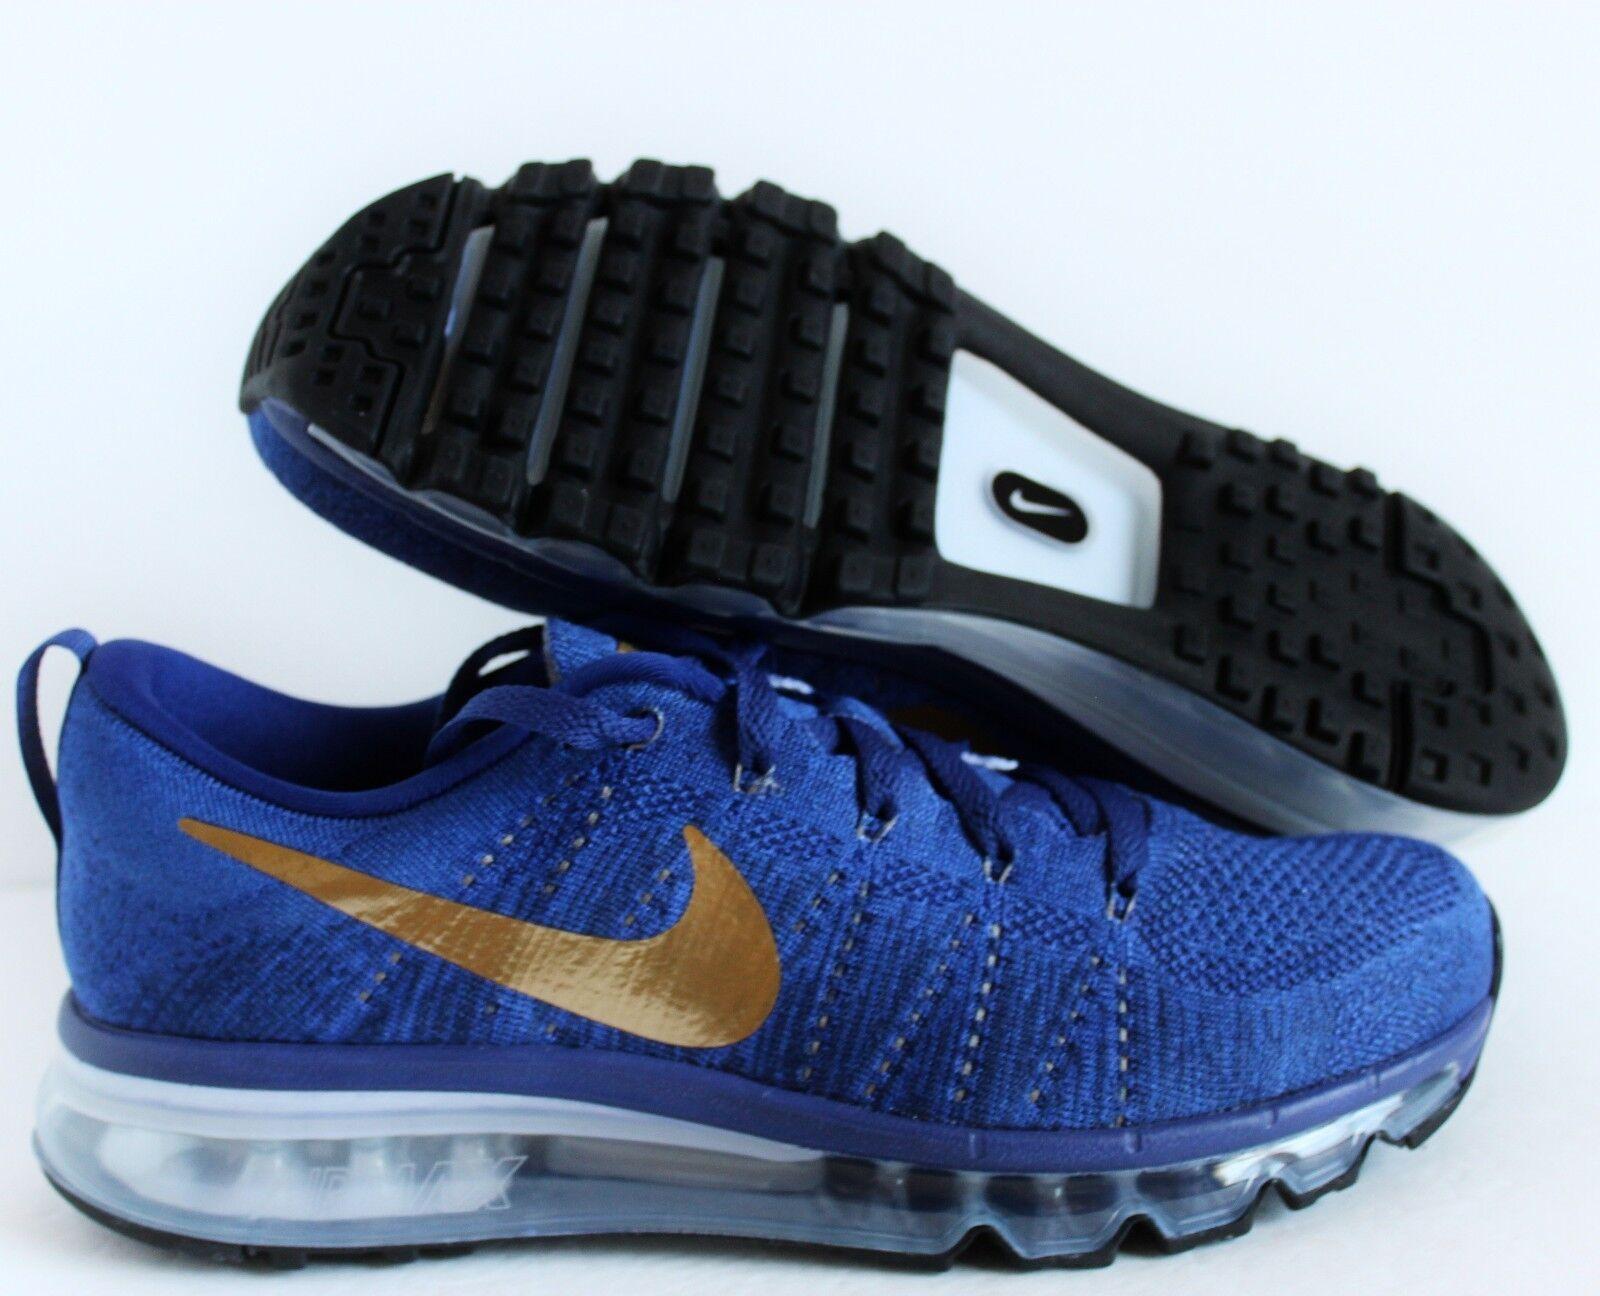 official photos 2442d c4da9 Nike Hombre Air Max Flyknit id oro azul azul azul gris reducción de precios  nuevos zapatos